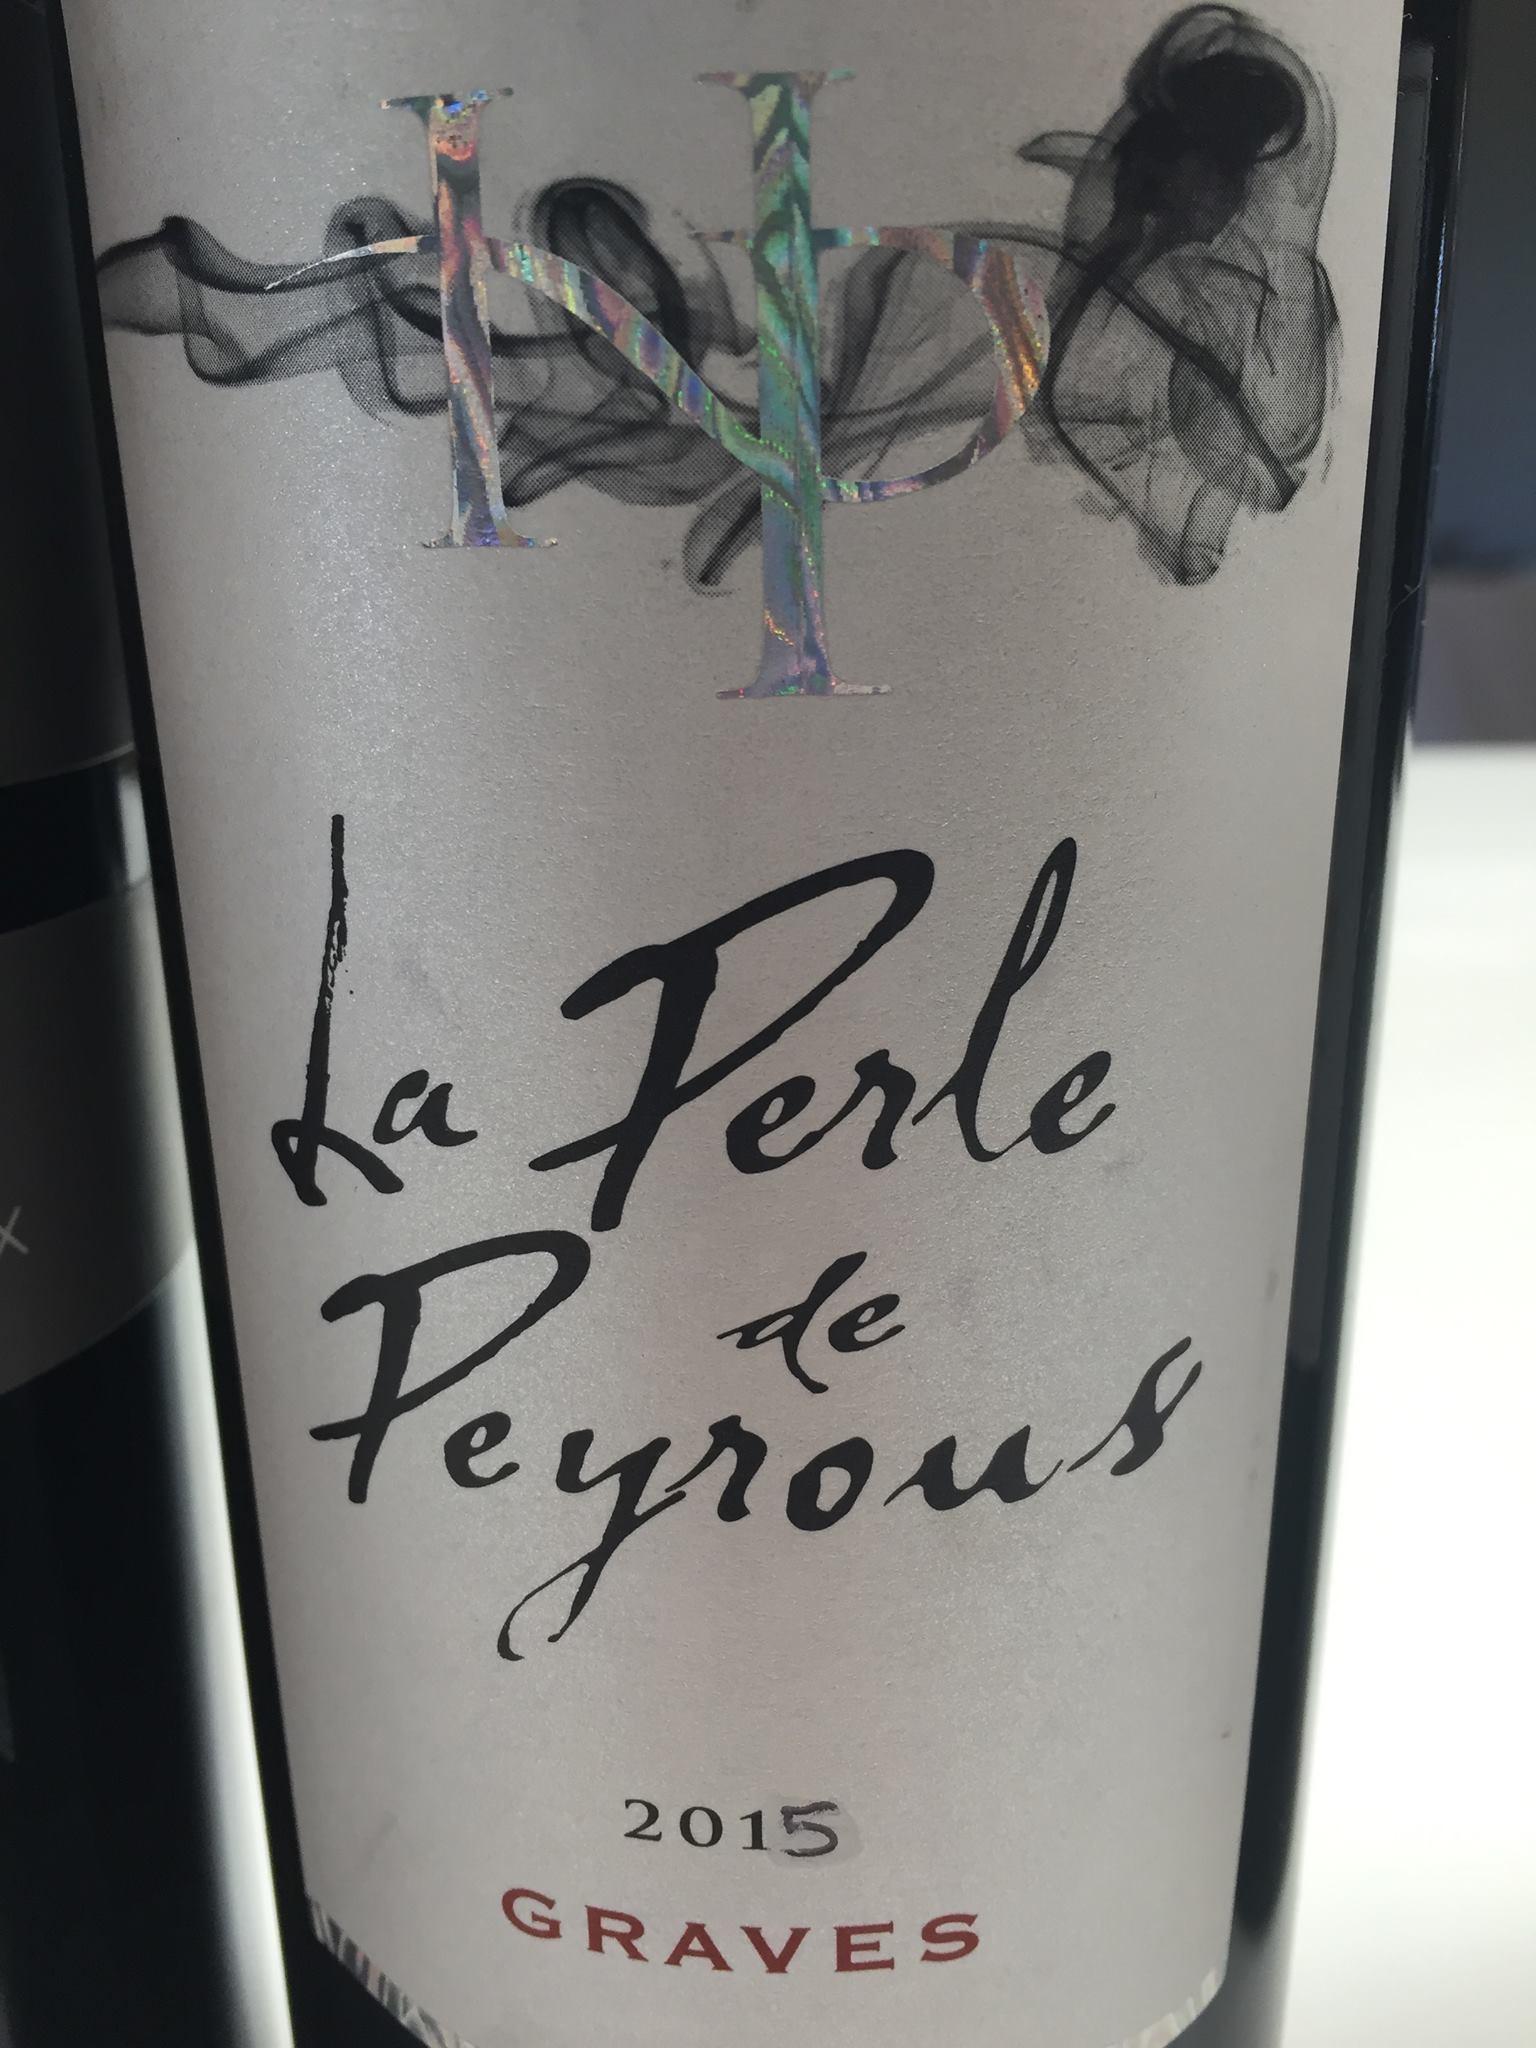 La Perle de Peyrous 2015 – Graves